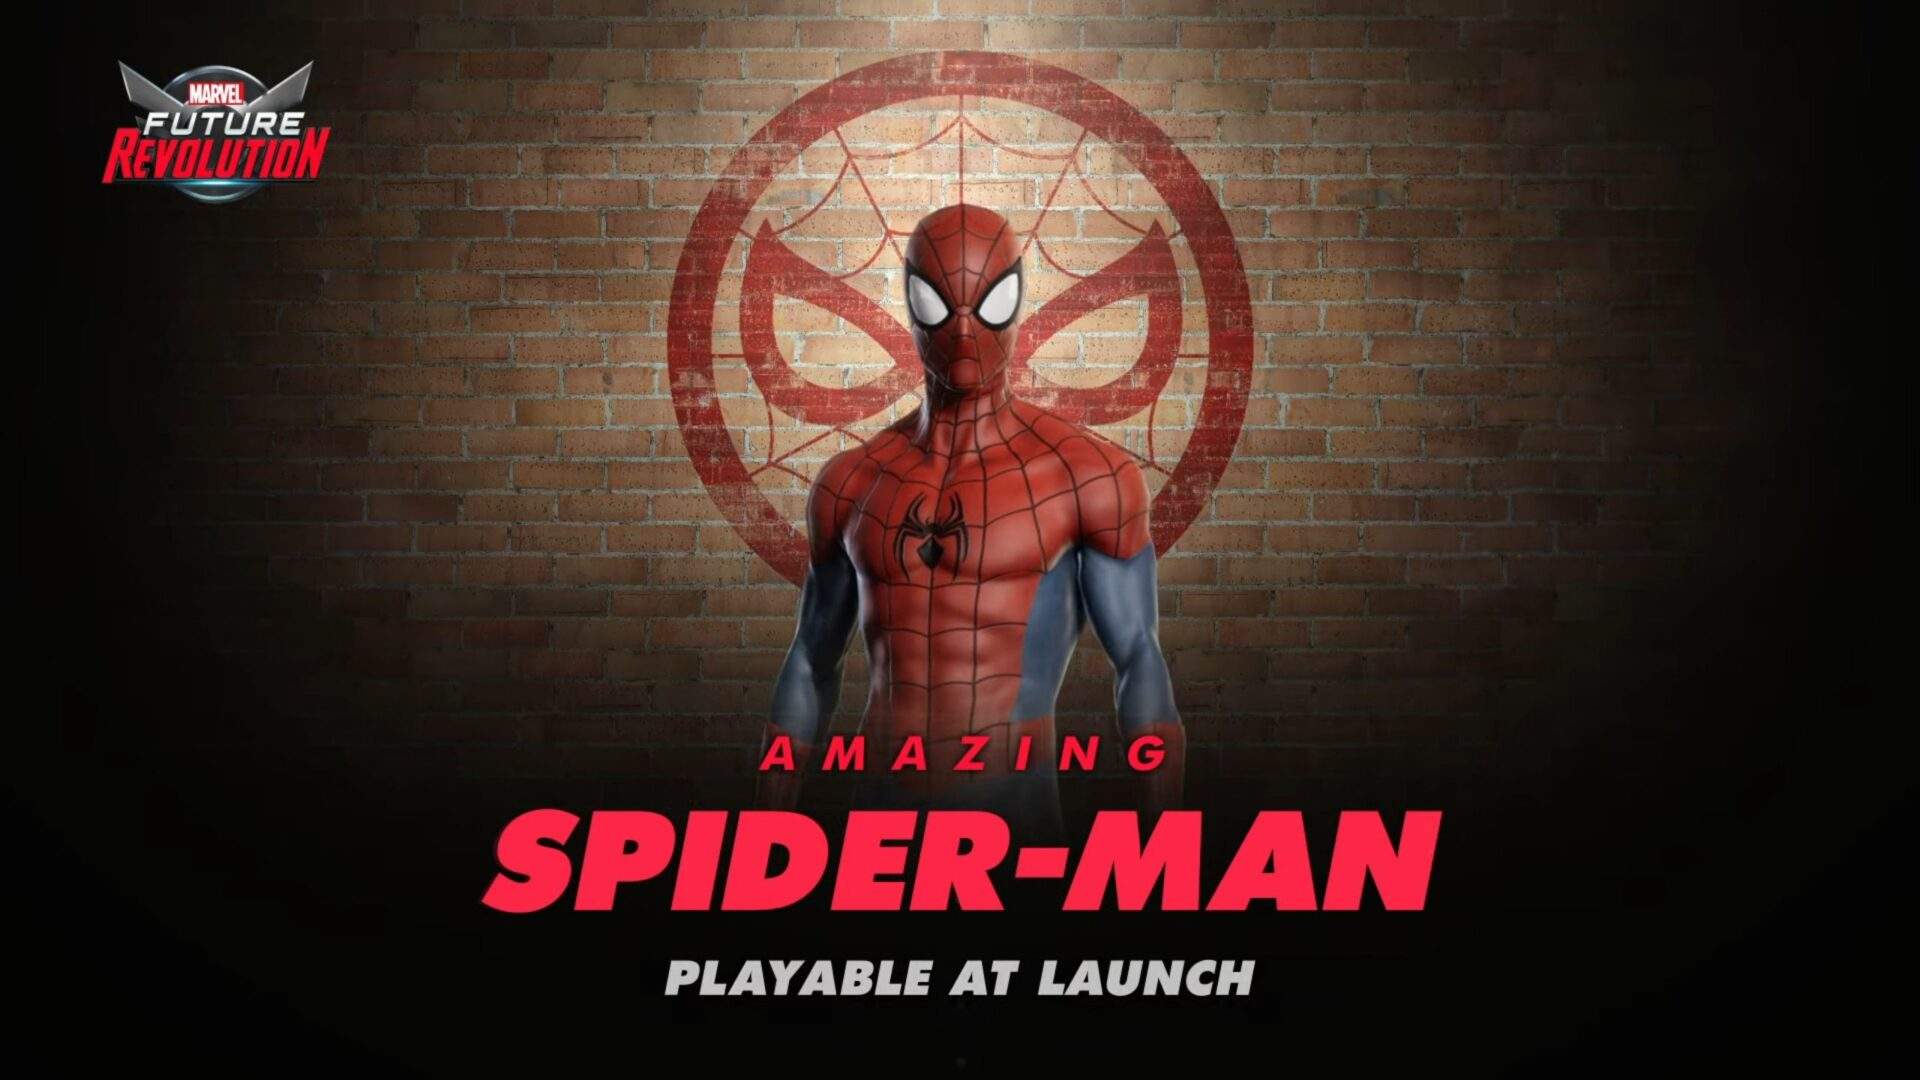 Marvel Future Revolution Spider-Man